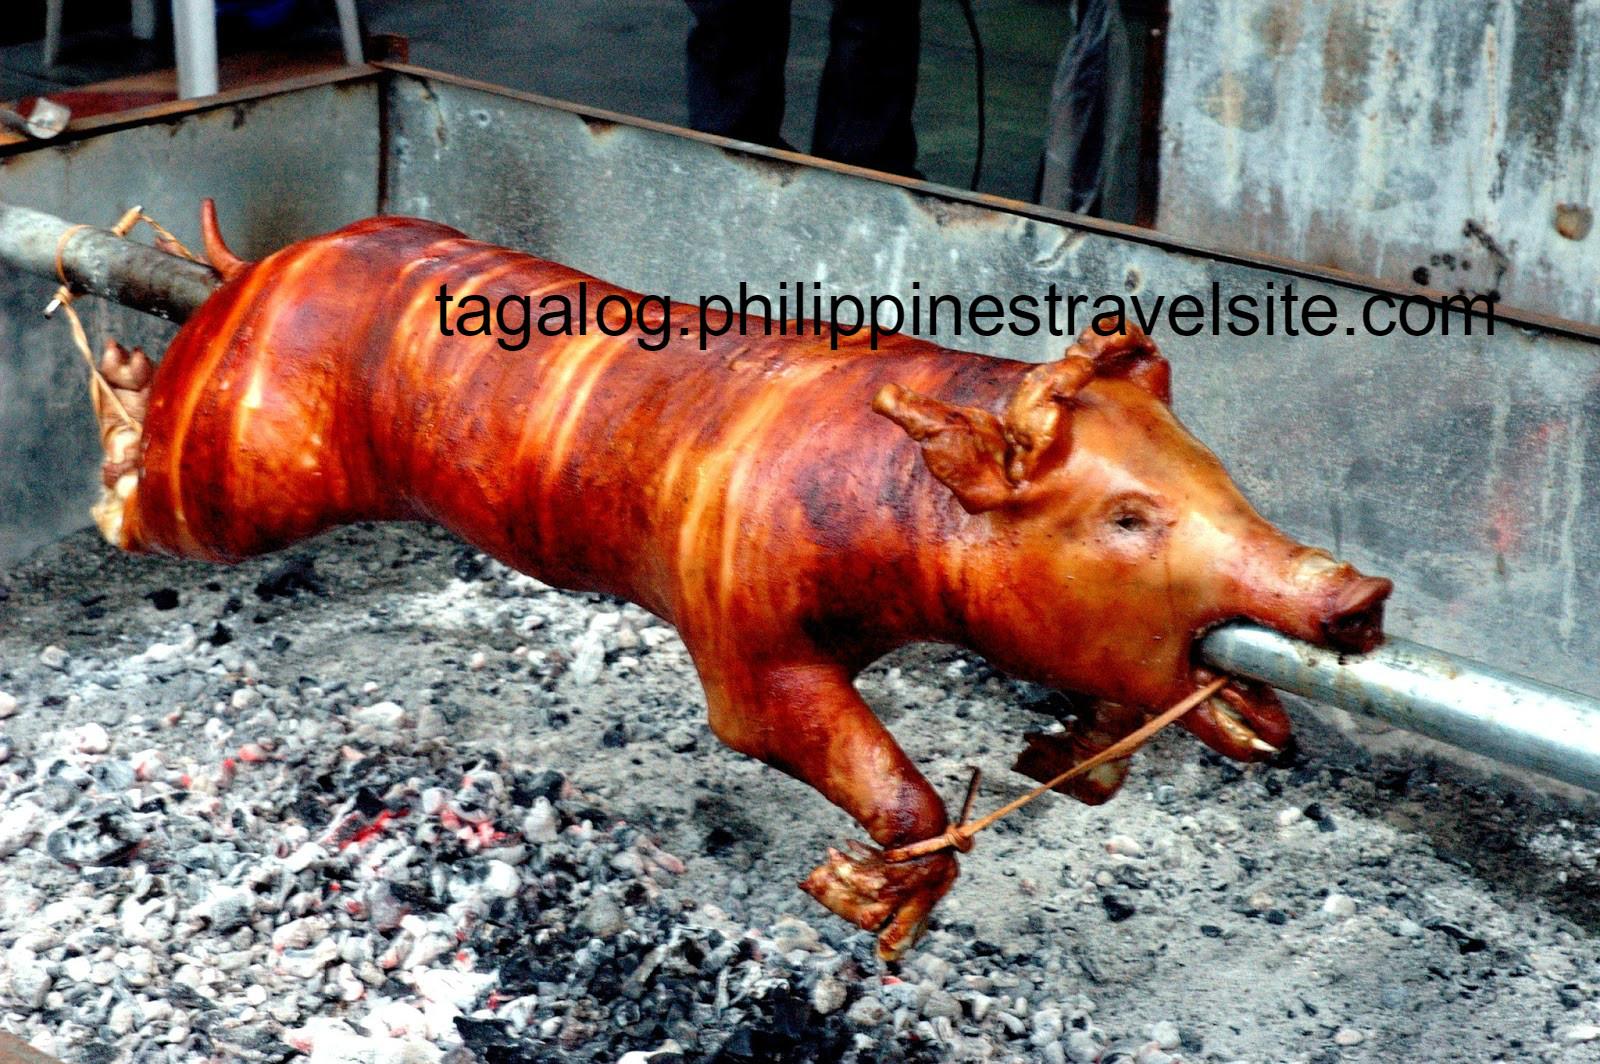 sikat na pagkain sa Cebu